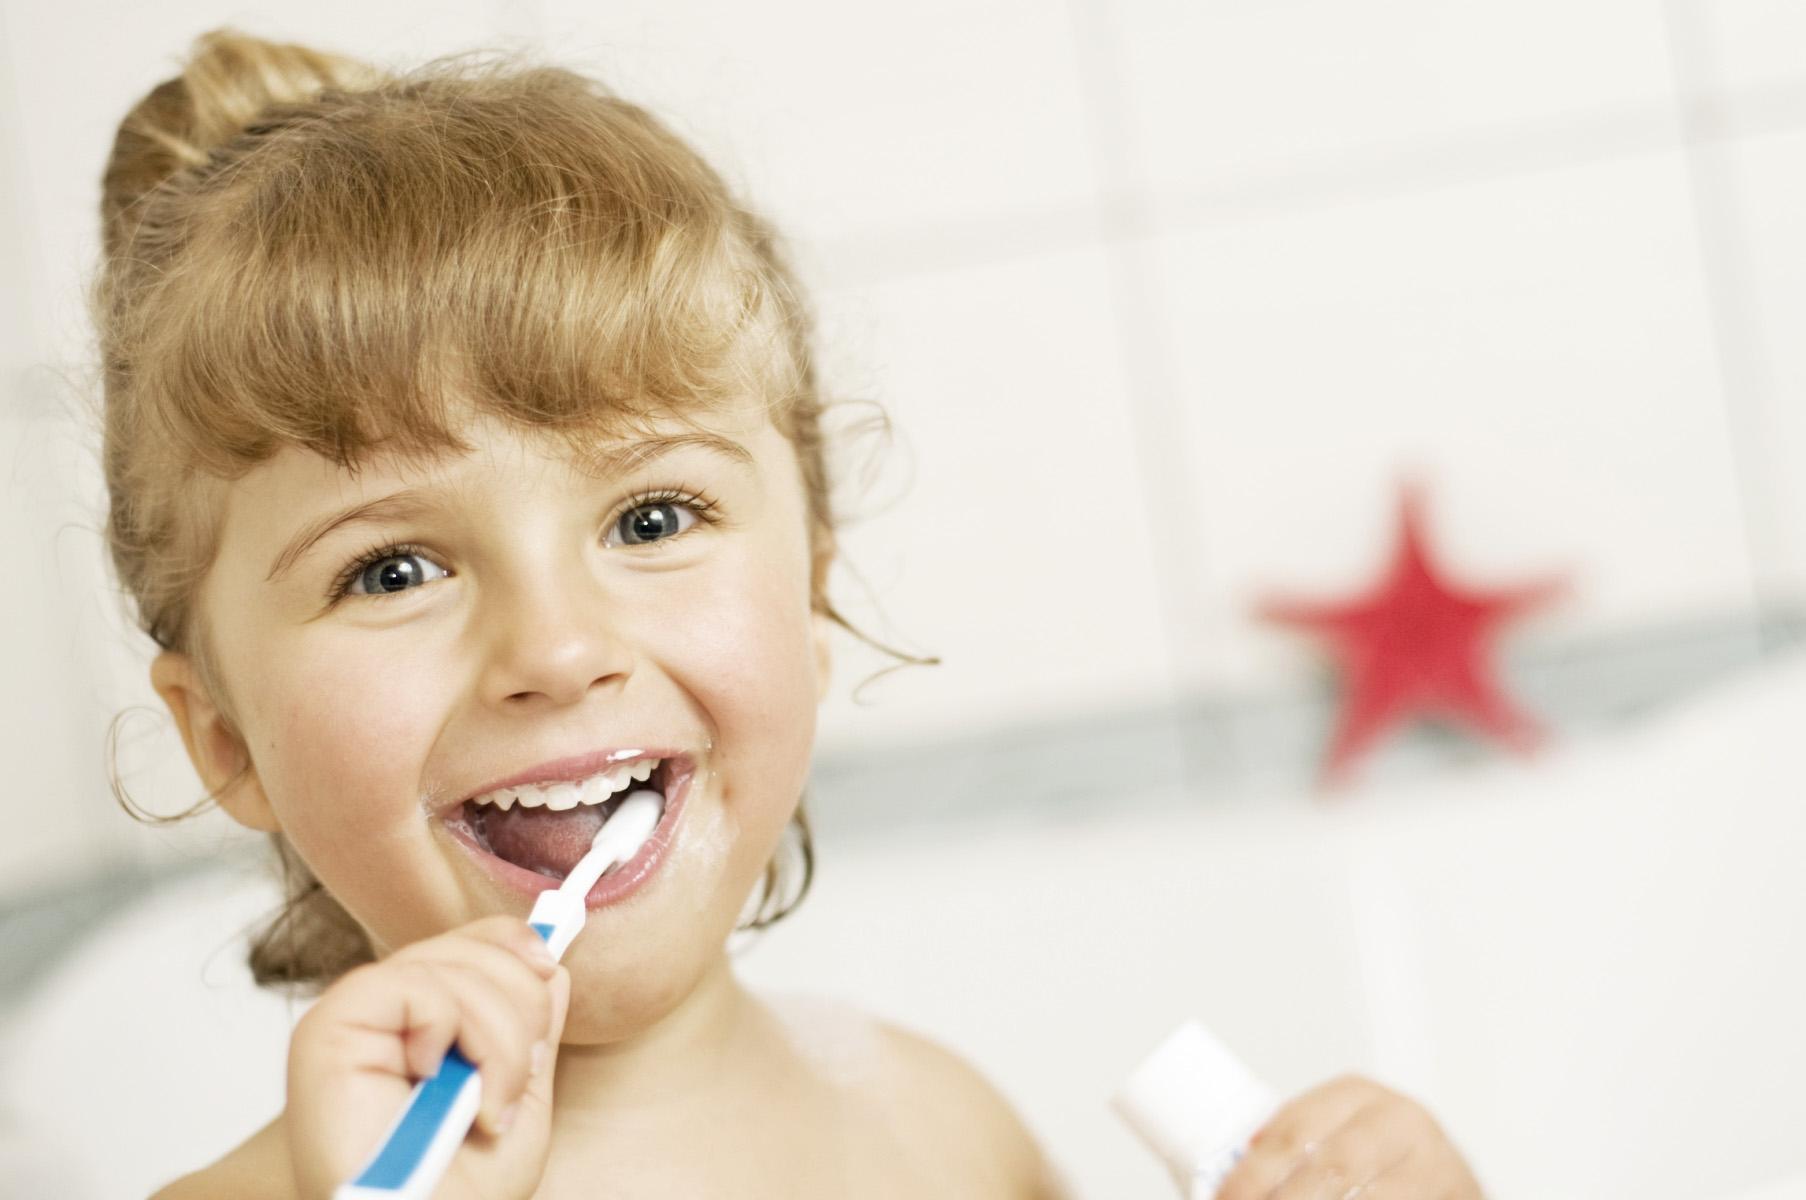 Cepillo de dientes para niños  cual puedes elegir  cfa18b282b65